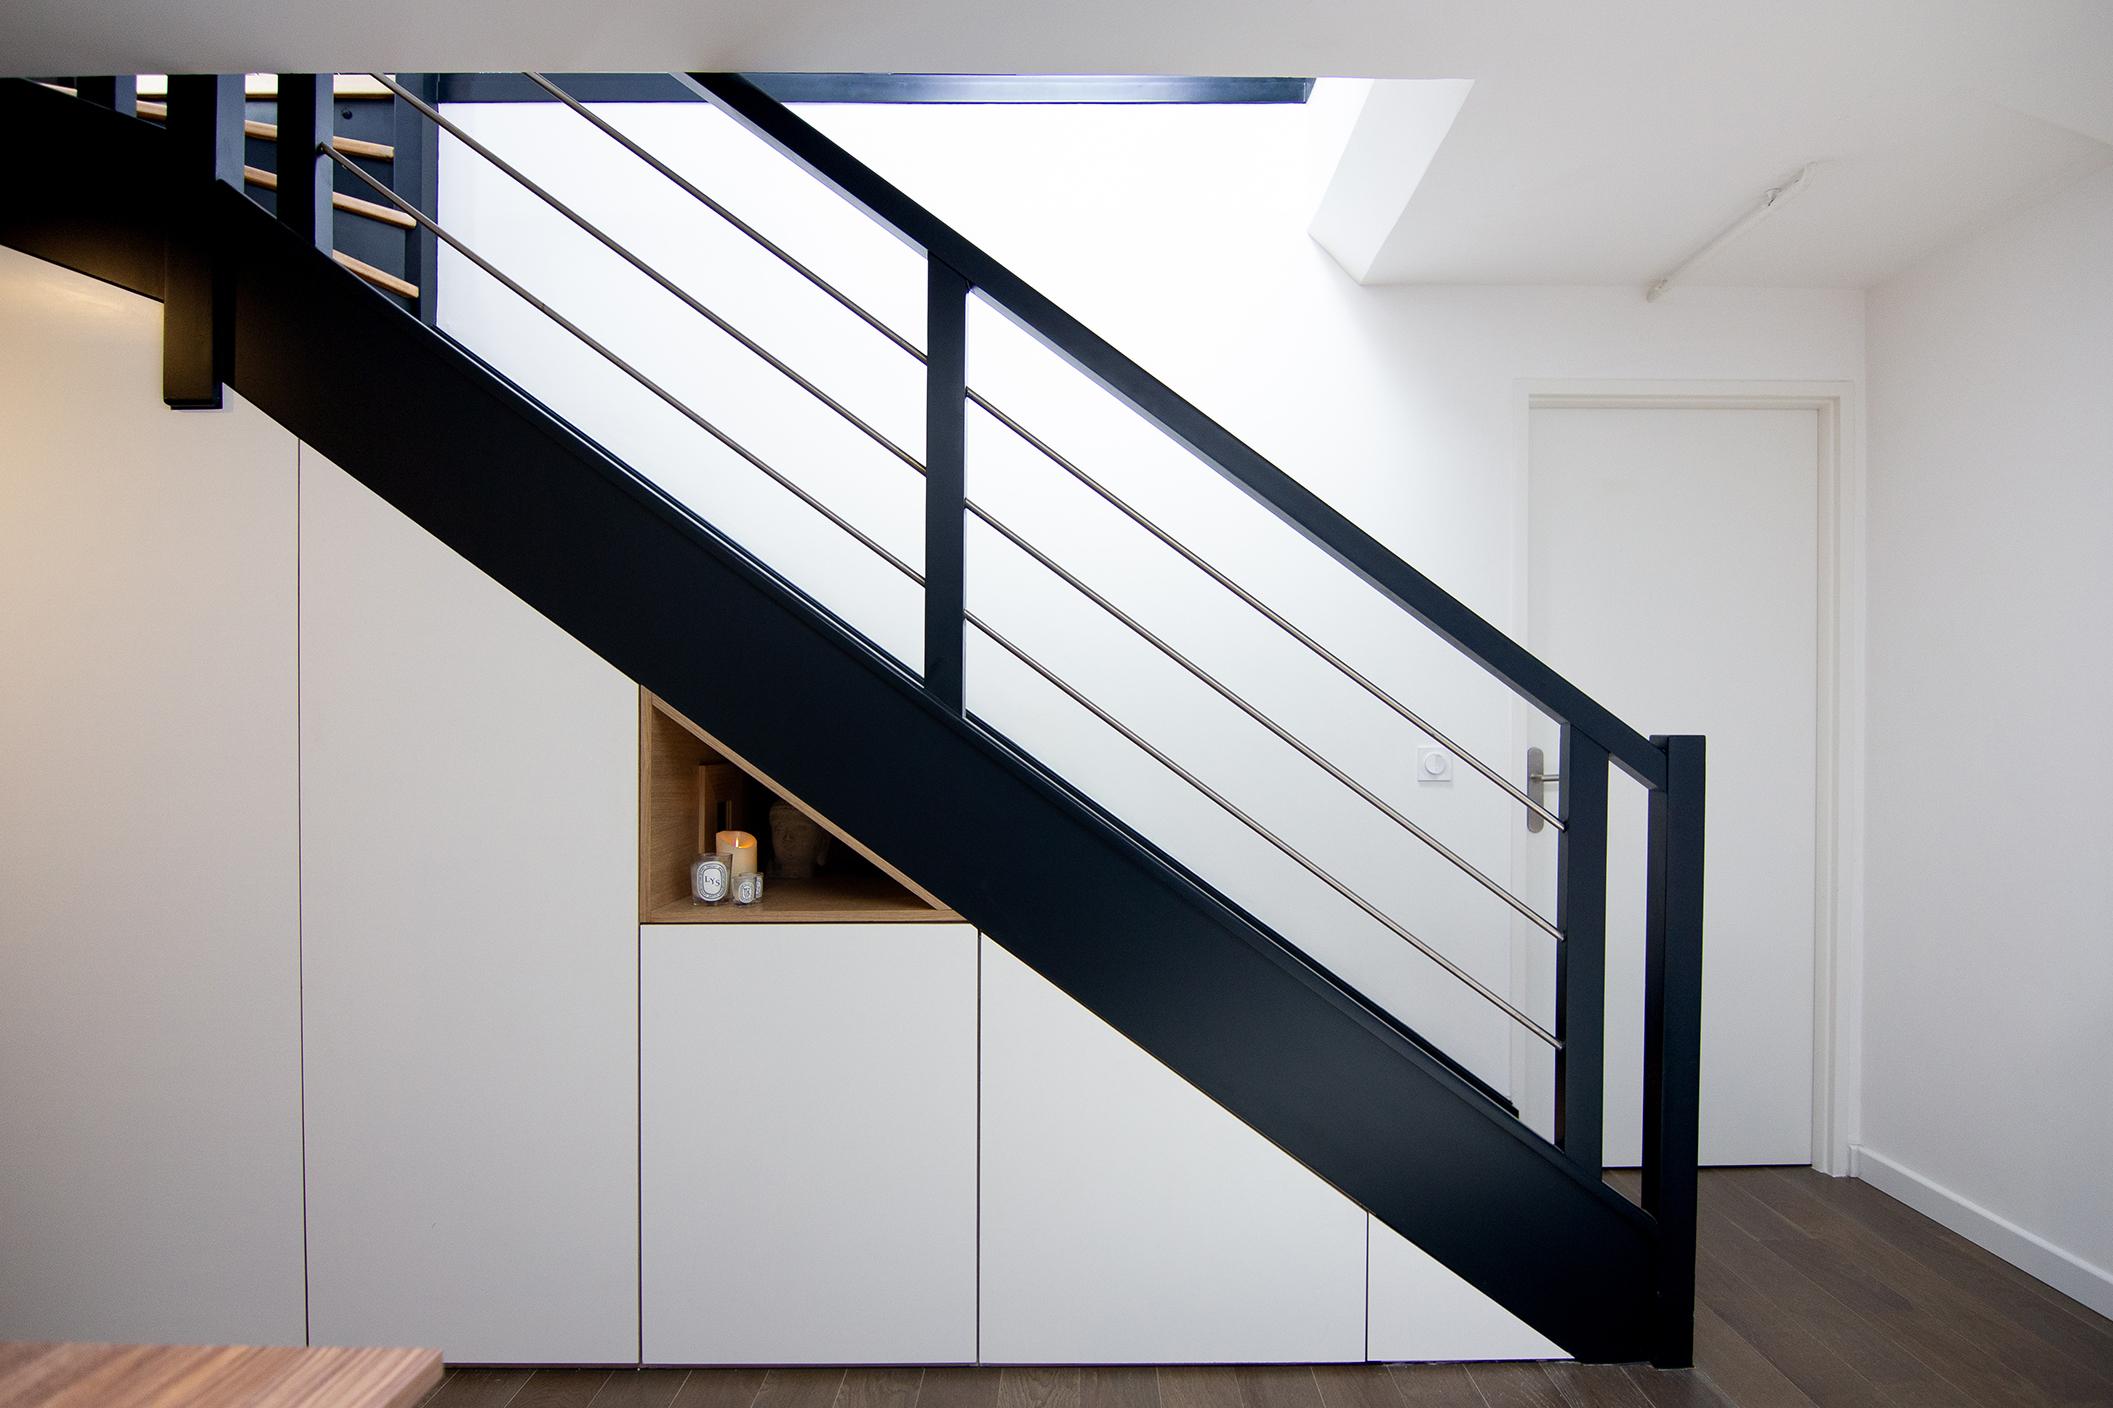 Placards sous escalier - Architecte intérieur Studio Mariekke - Paris